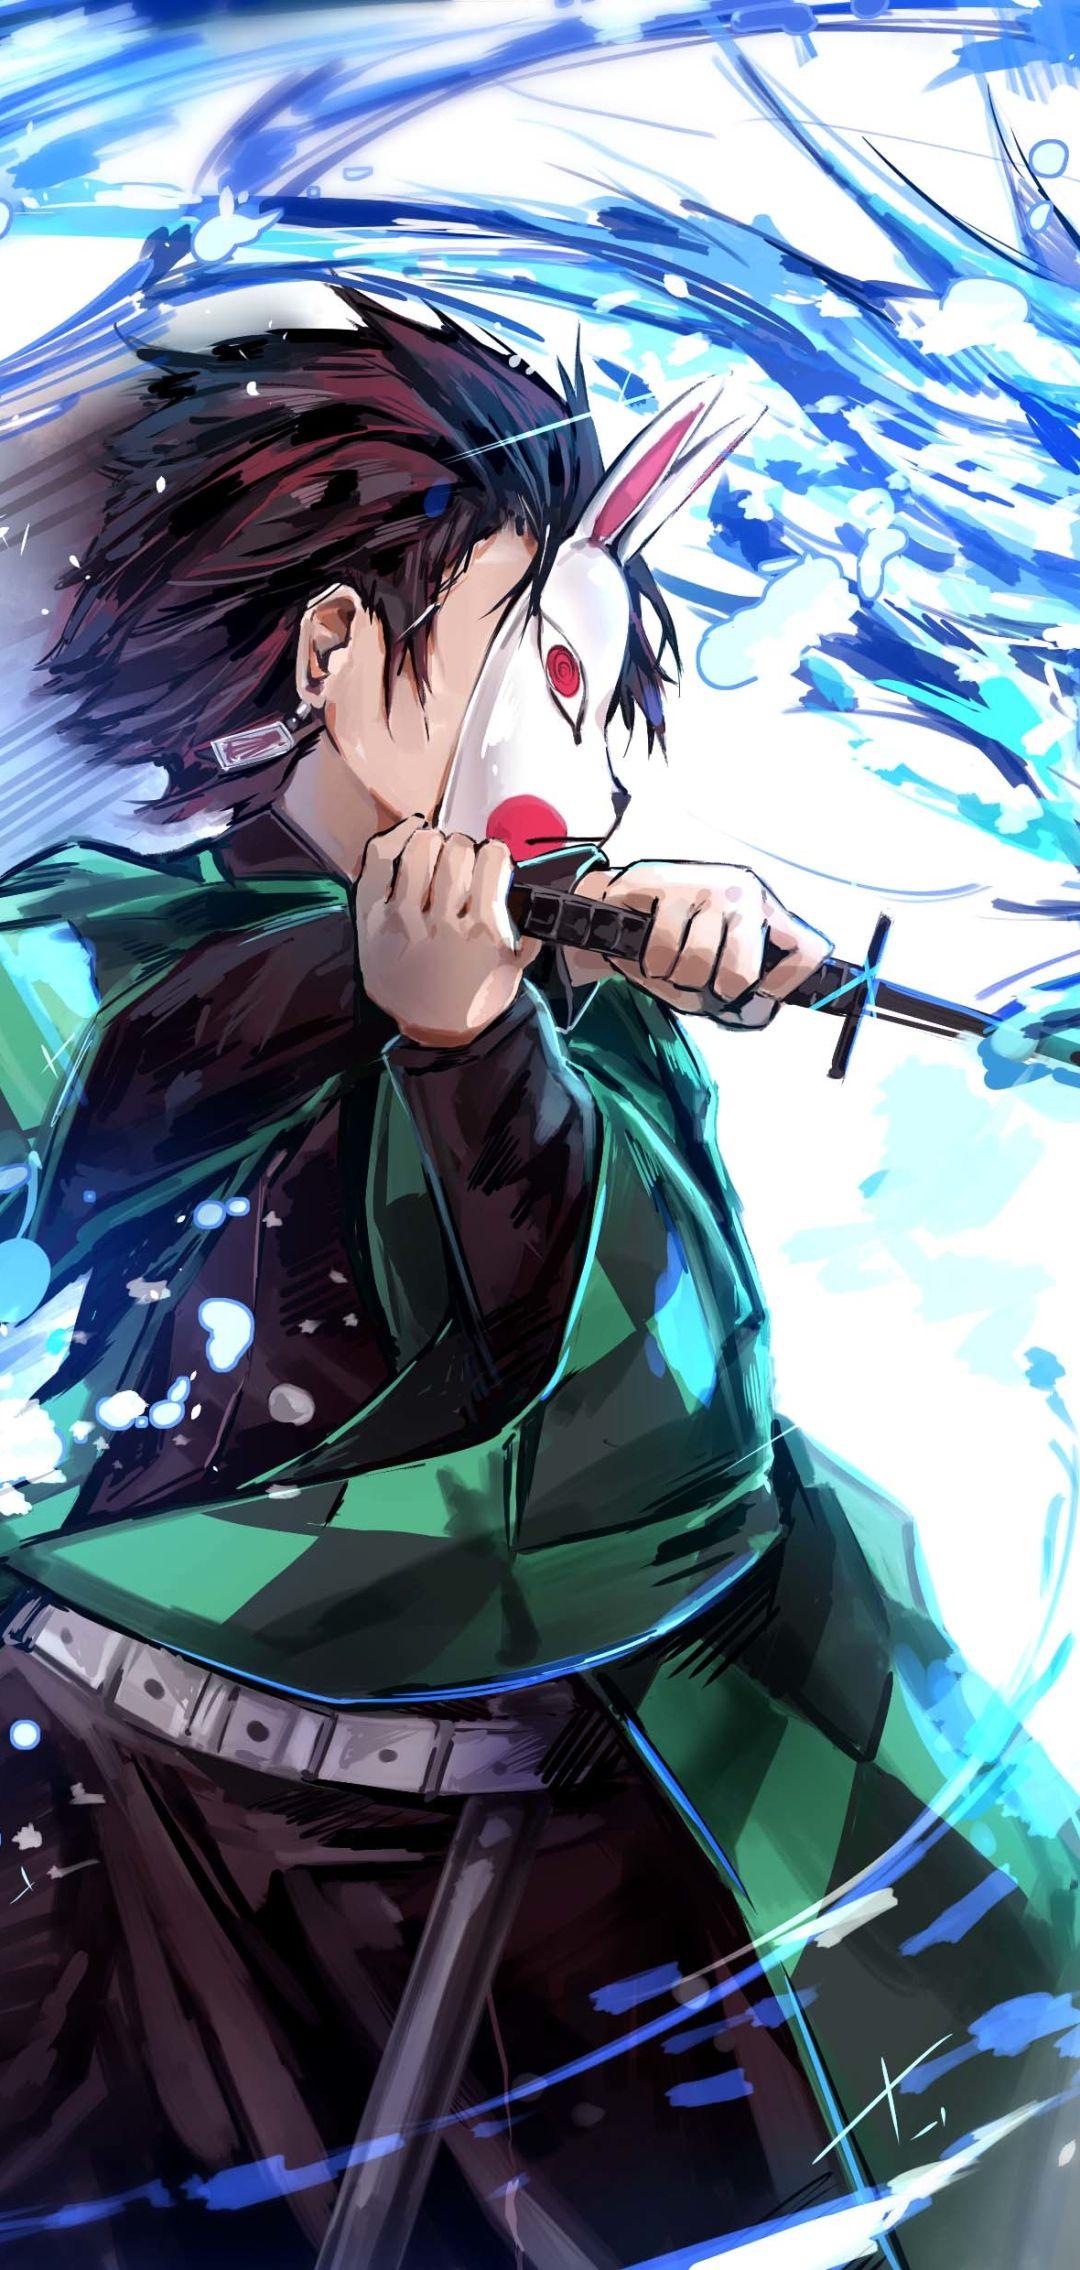 Demon Slayer Aka Kimetsu No Yaiba Mobile Wallpaper Hd For Free Find At Pinterest Com Siktiyana And Use Siktiyana Anime Demon Anime Characters Anime